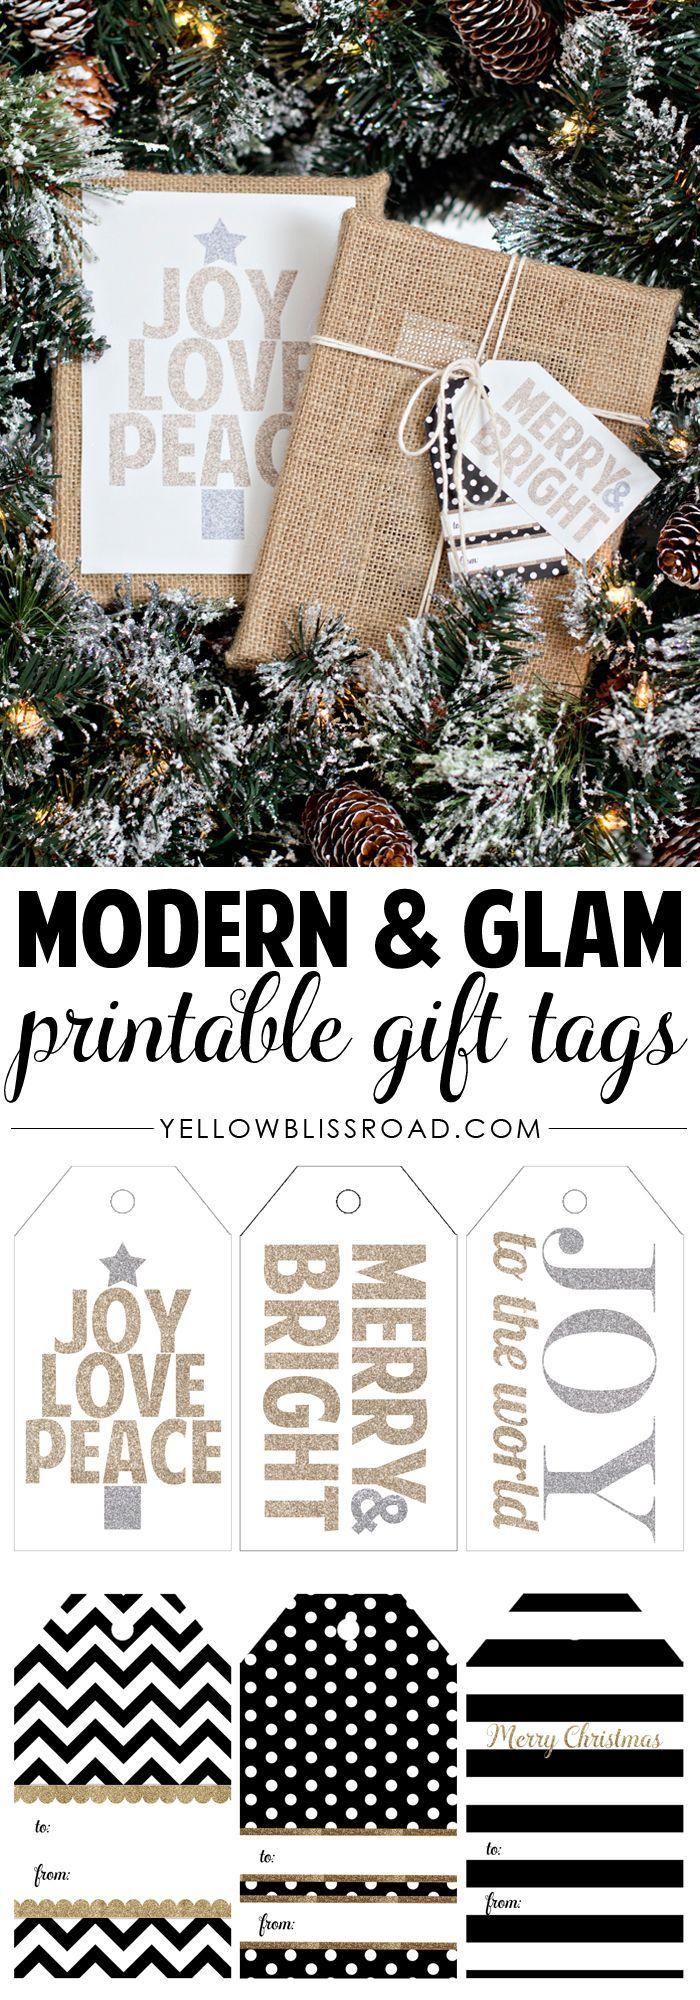 Modern & Glam Free Printable Christmas GiftTags   DIY Christmas